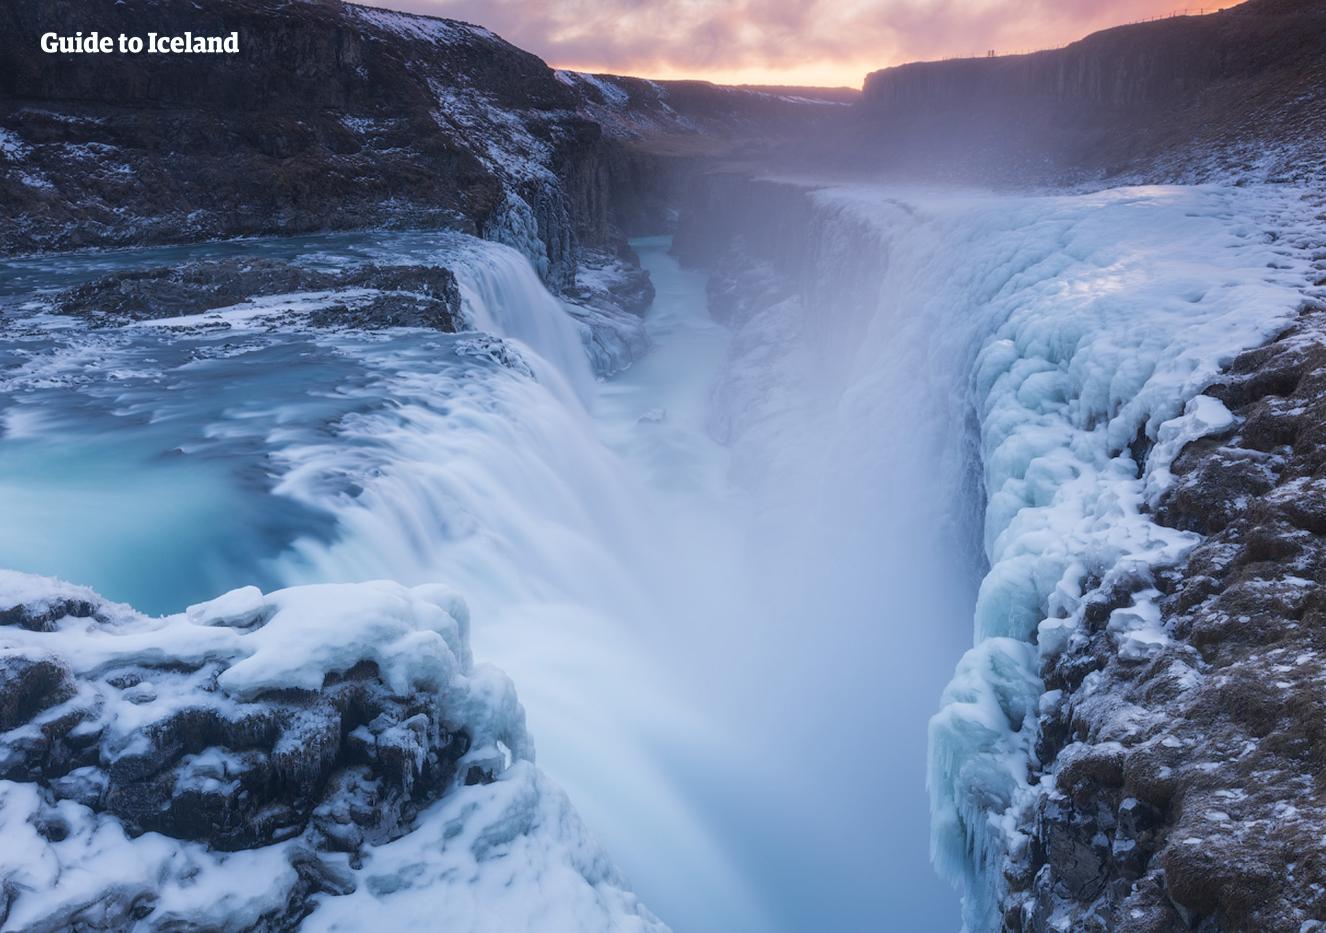 De waternevel van de populaire waterval Gullfoss zorgt voor een nat gezicht bij iedereen die in de buurt komt van het gletsjerwater van de Langjökull-ijskap.